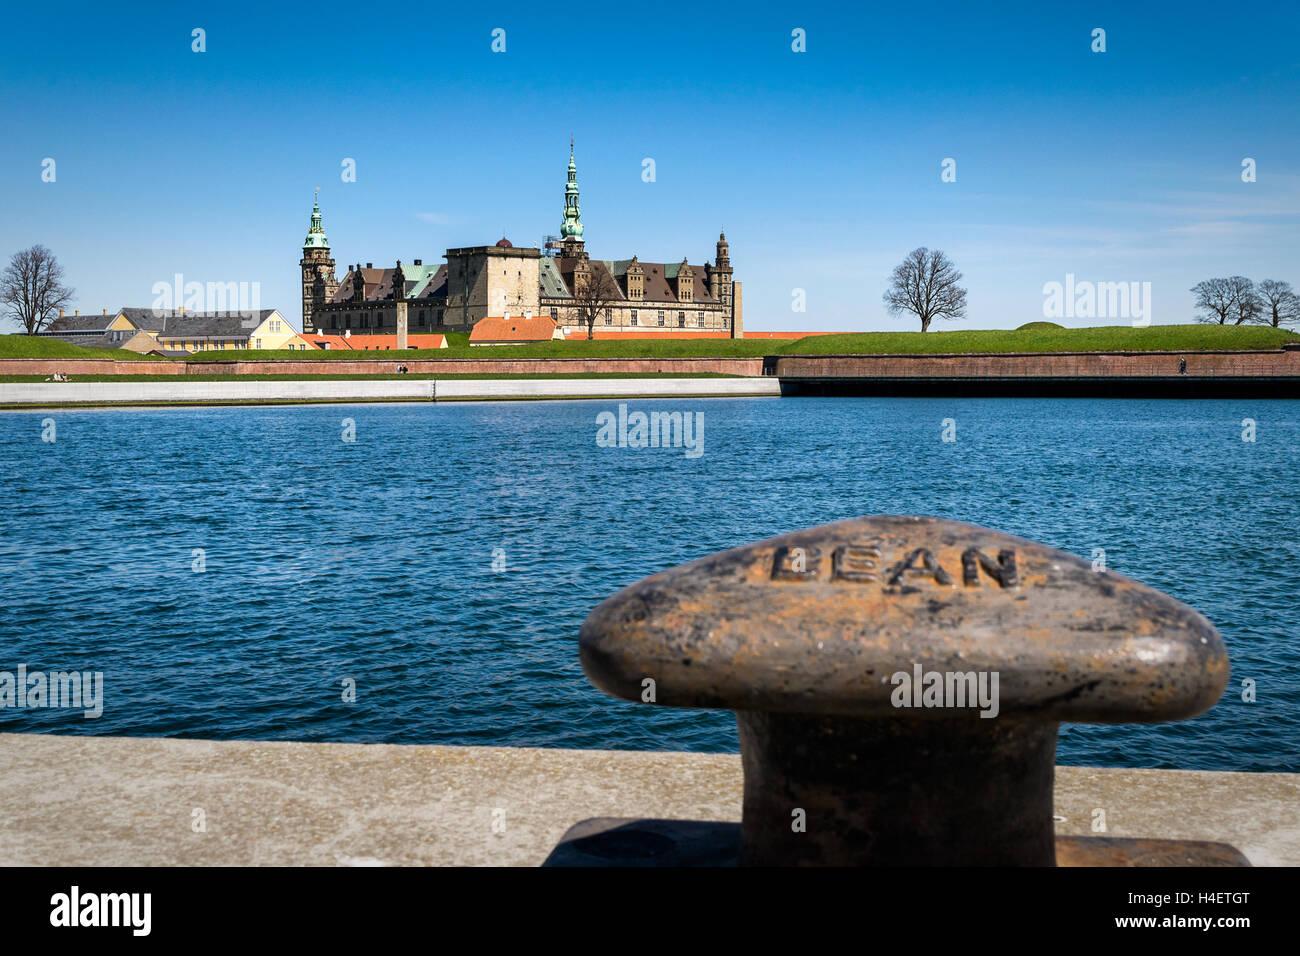 Kronborg Castle, residence of Hamlet, settled in a town Helsingor, north of Copenhagen, Denmark - Stock Image